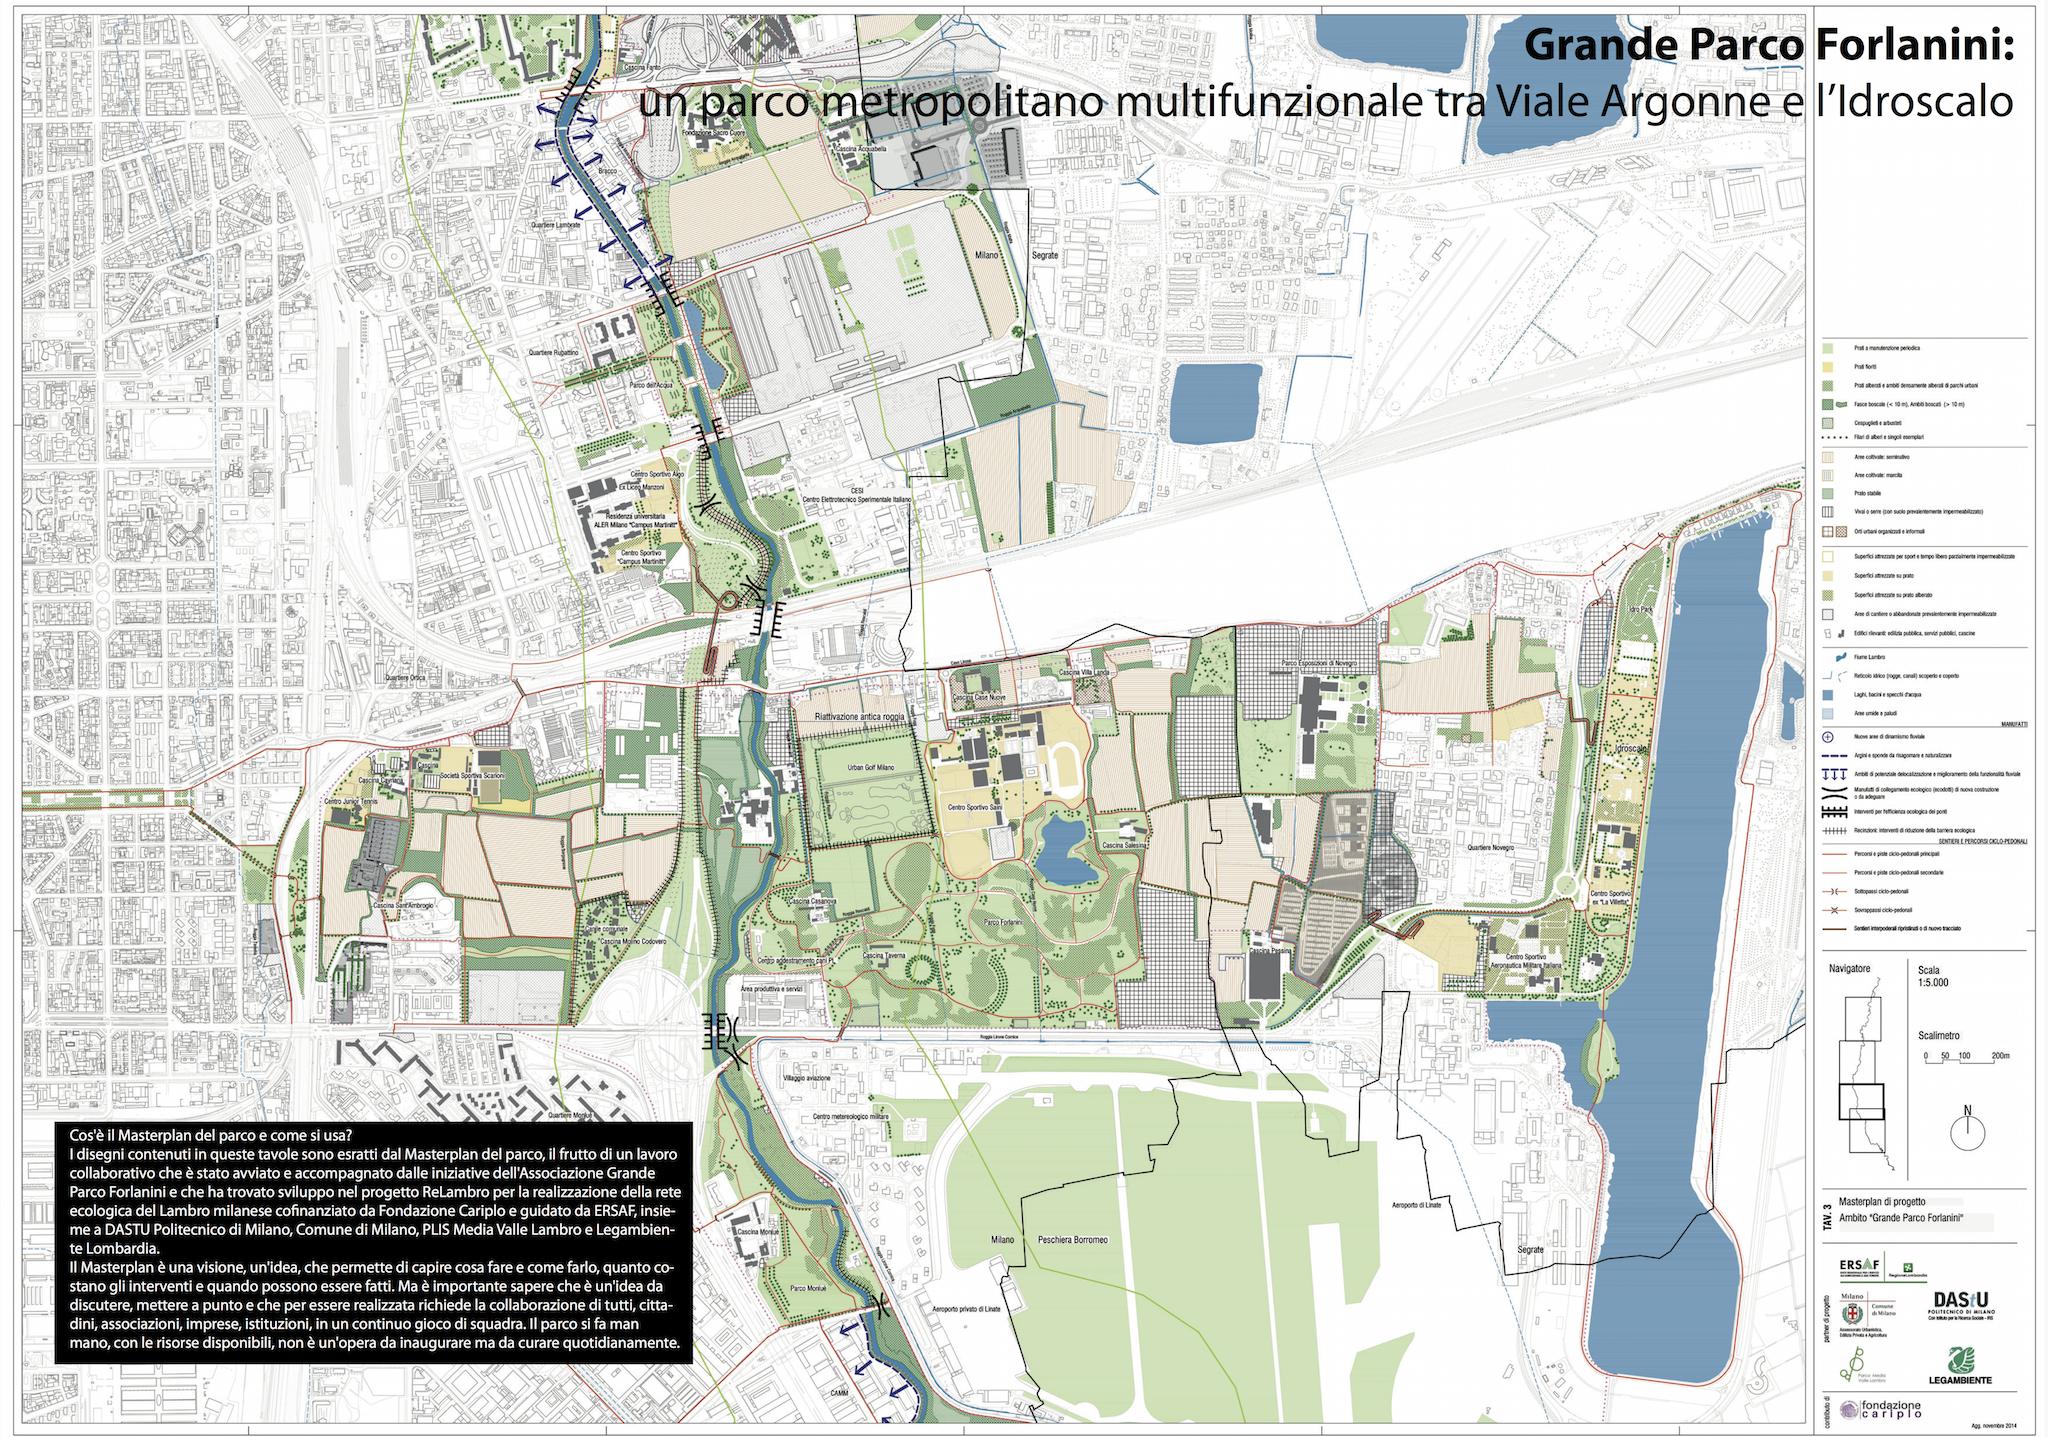 tavola tecnica del masterplan del Comune di Milano con cui si descrive l'ampliamento dei confini del nuovo parco.